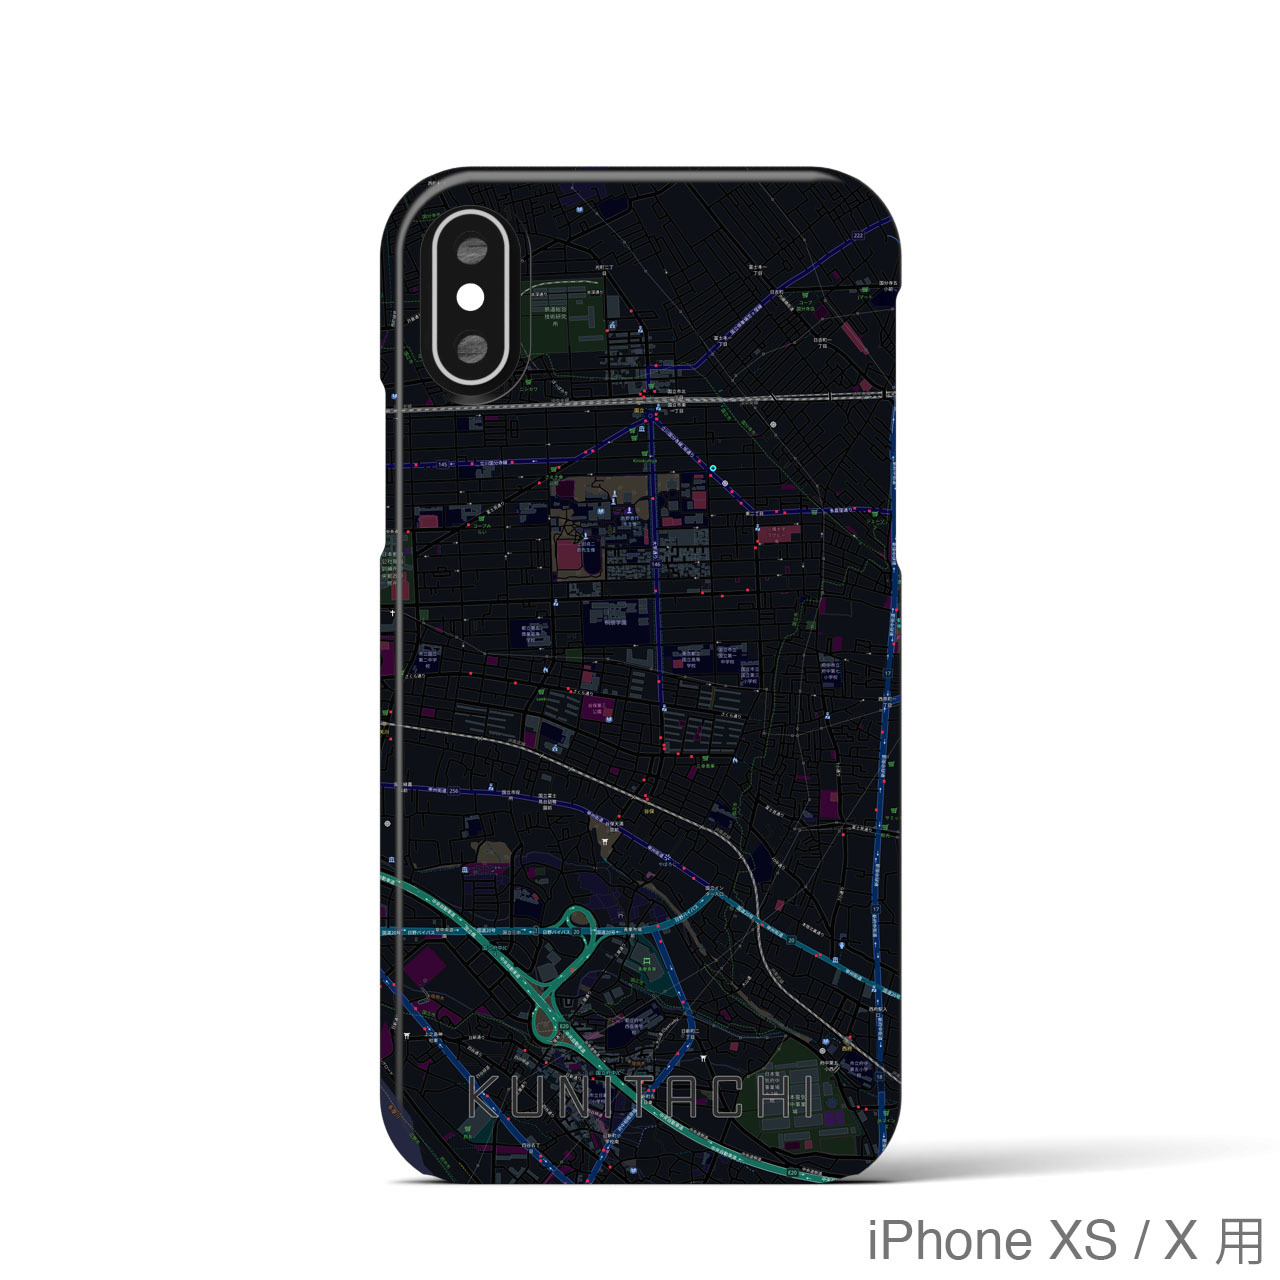 【国立】地図柄iPhoneケース(バックカバータイプ・ブラック)